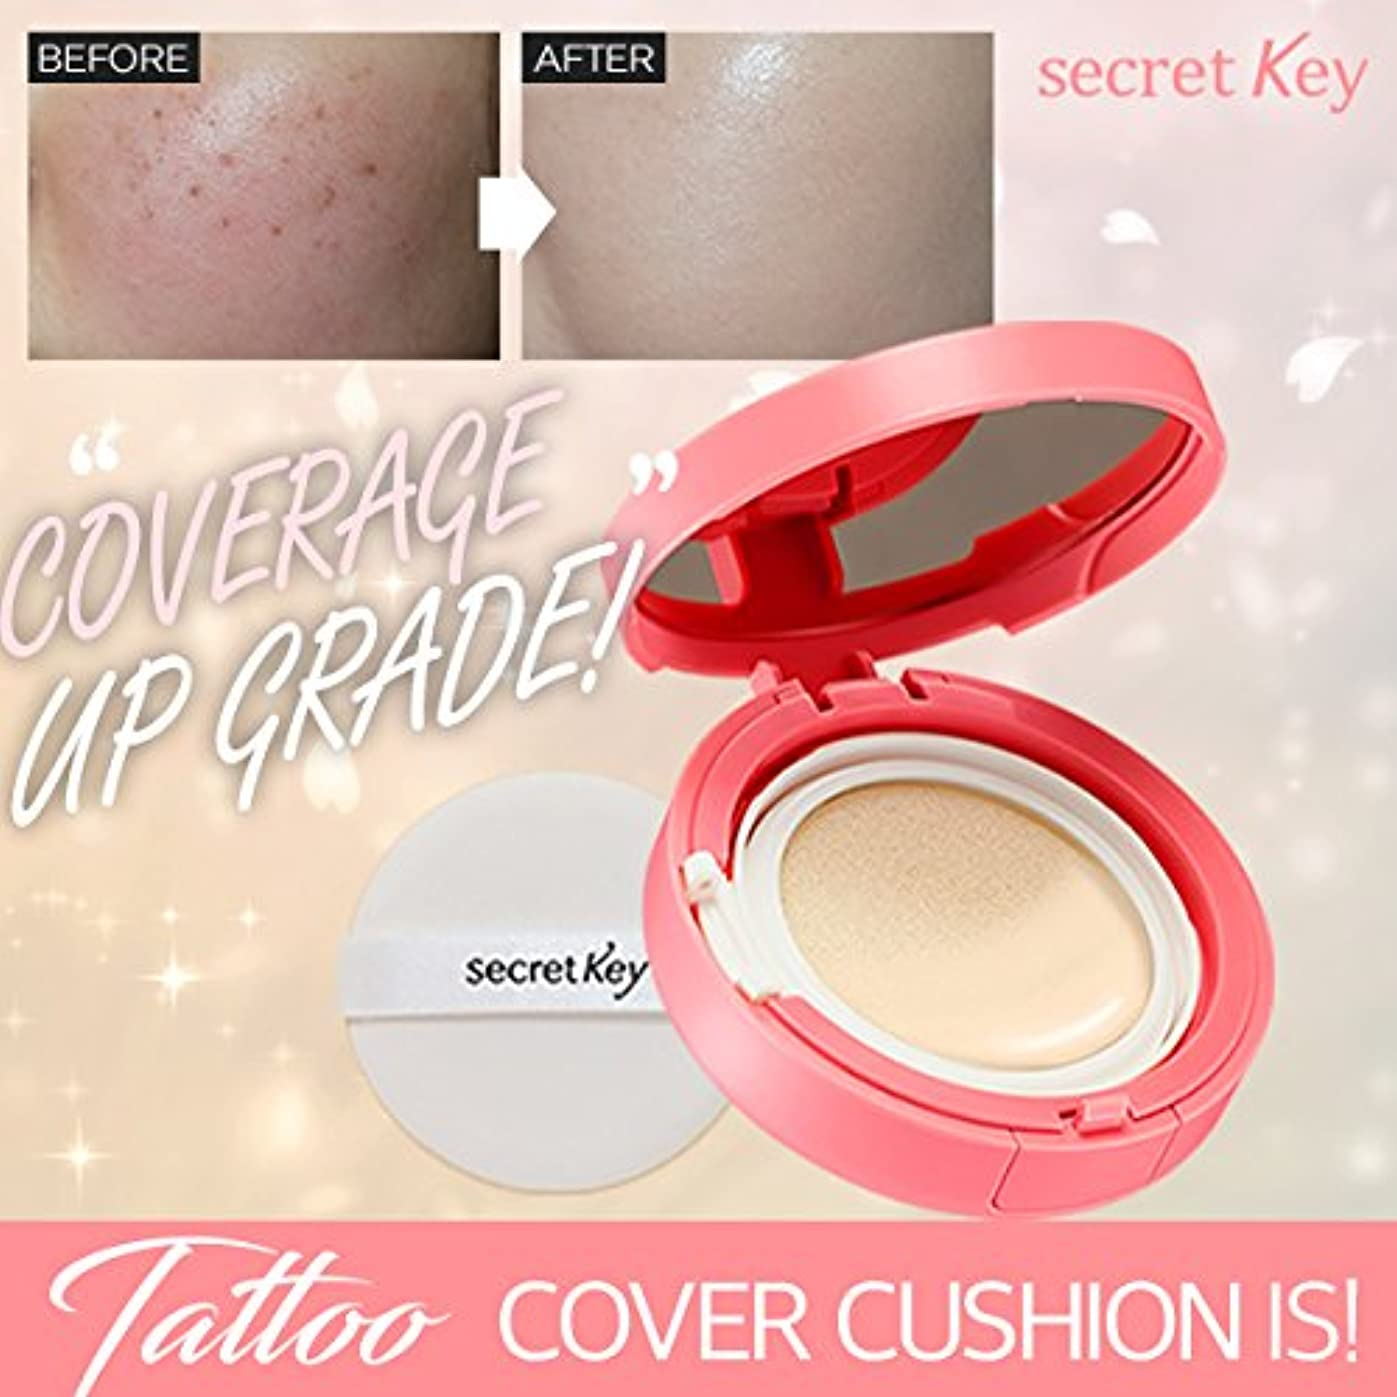 トピックウールひどいSecretkey シークレットキー タトゥーカバークッション14g ピンクエディション 期間限定 Tattoo Cover Cushion Pink Edition 海外直送品 (ライトベージュ21号)